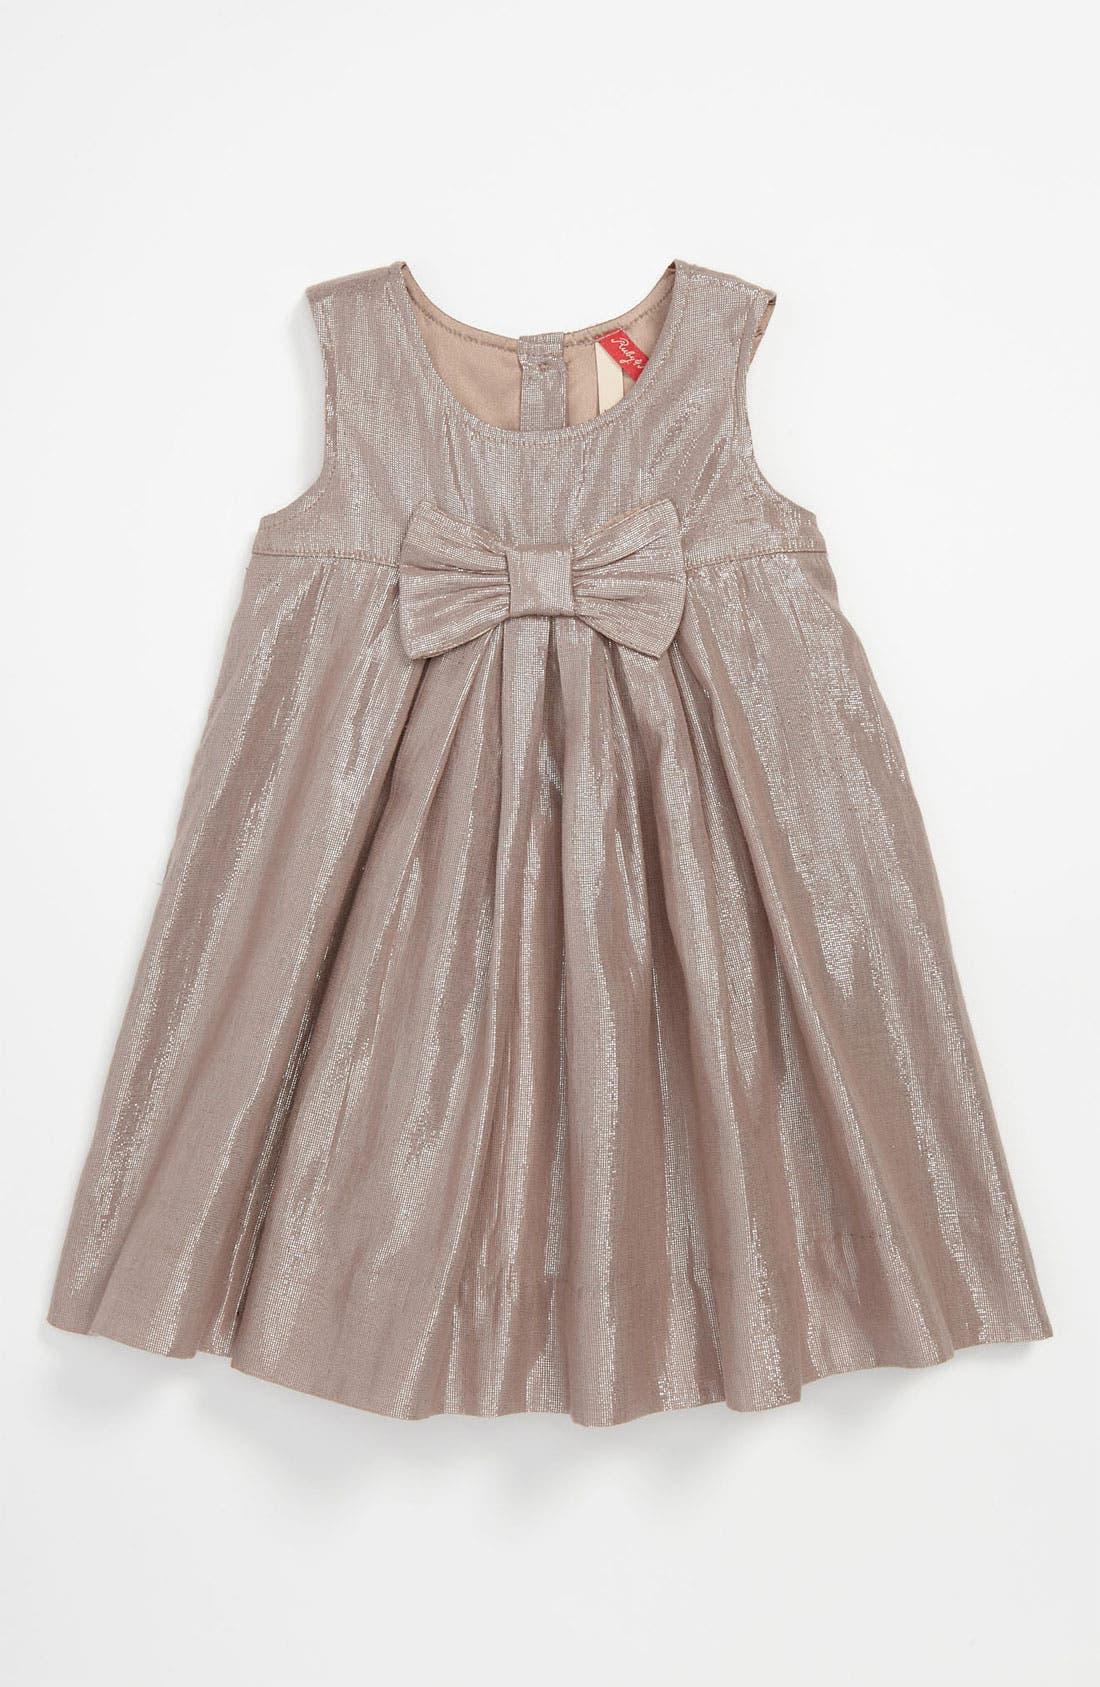 Alternate Image 1 Selected - Ruby & Bloom 'Brooke' Dress (Infant)